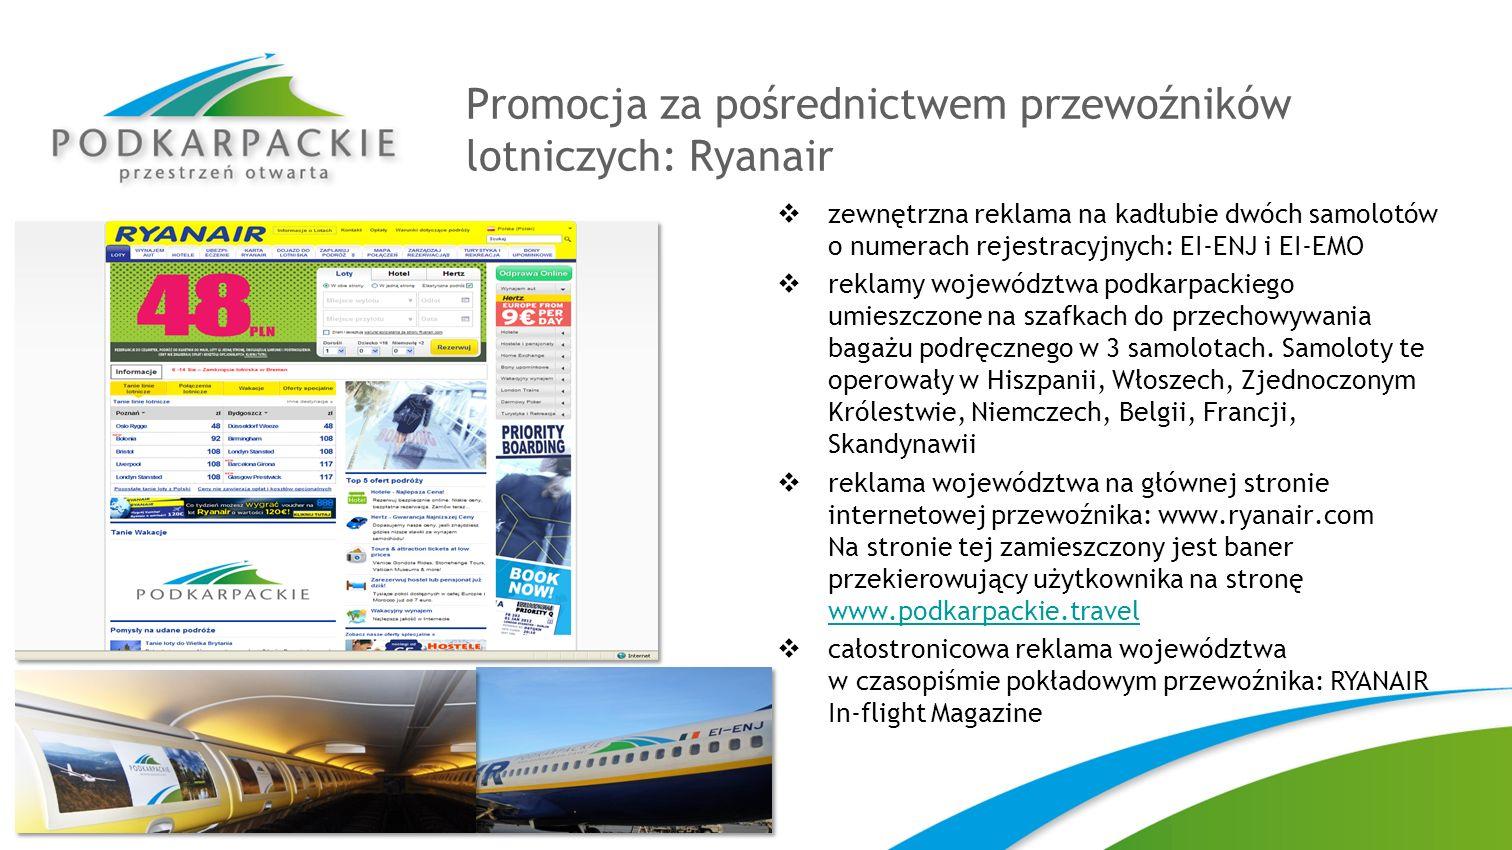 Promocja za pośrednictwem przewoźników lotniczych: Ryanair